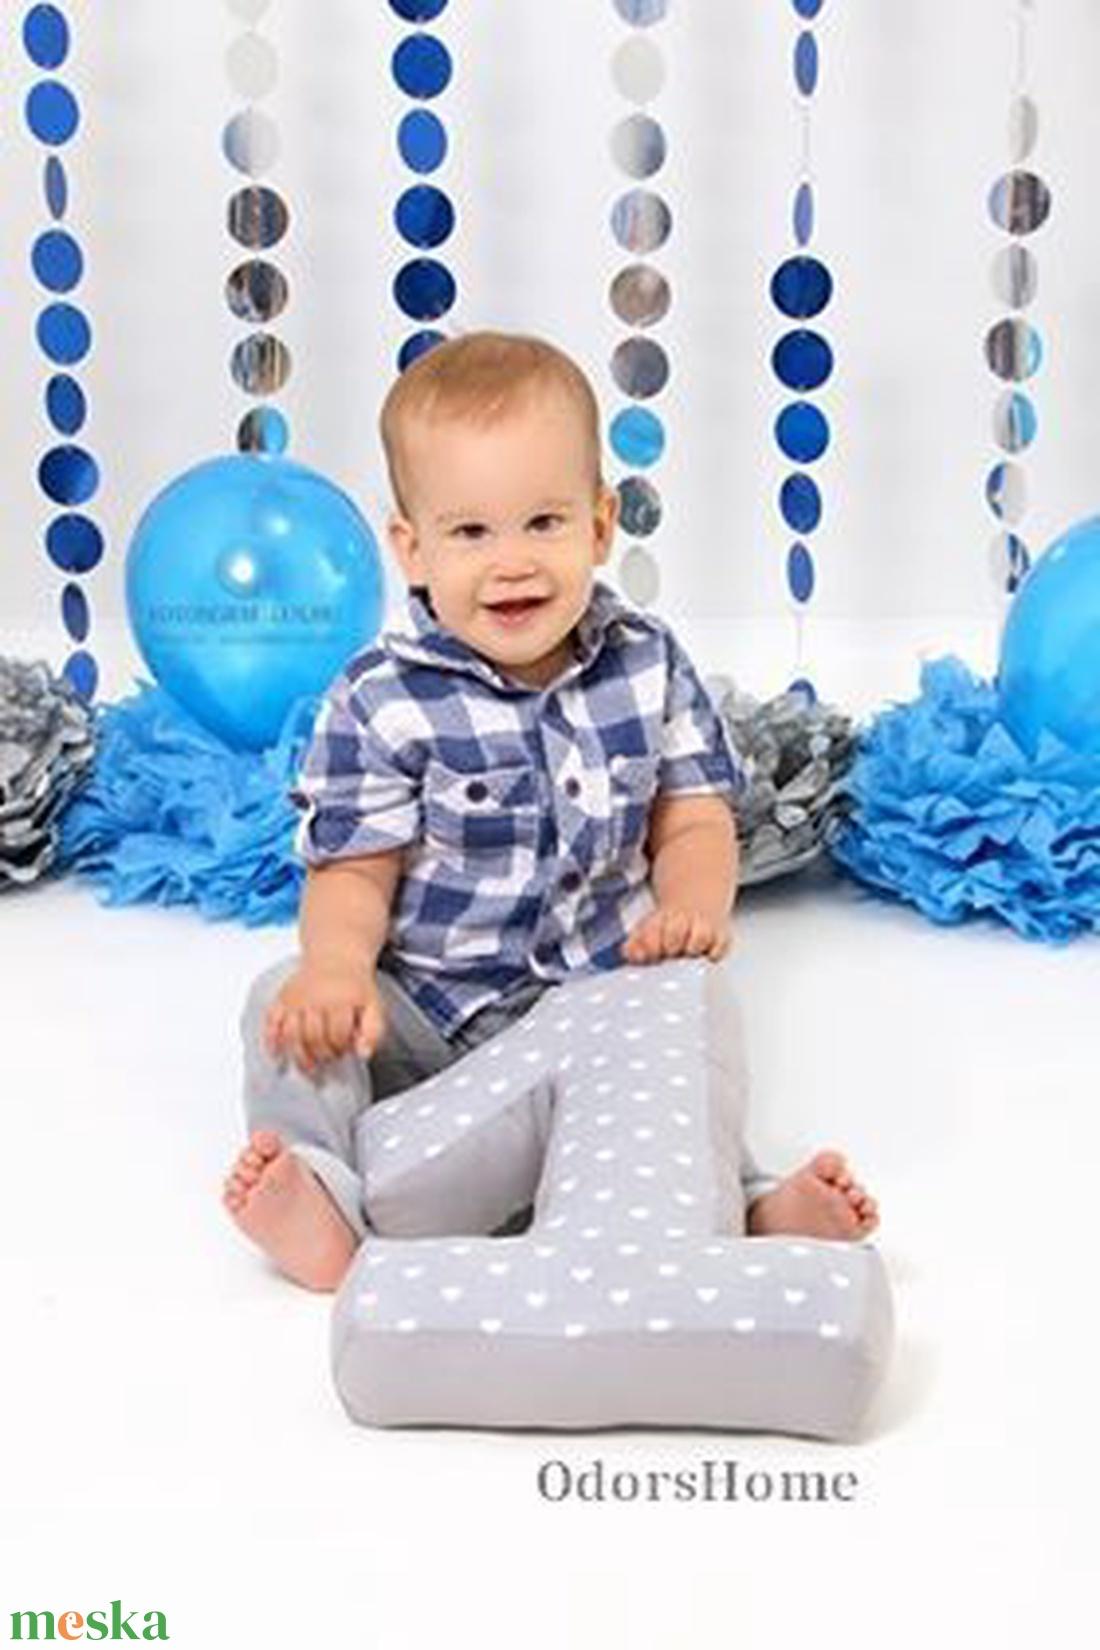 1 -es számpárna - egyes szám alakú forma párna baba hónapjainak vagy éveinek fotózásához, első születésnapra ajándék (OdorsHome) - Meska.hu